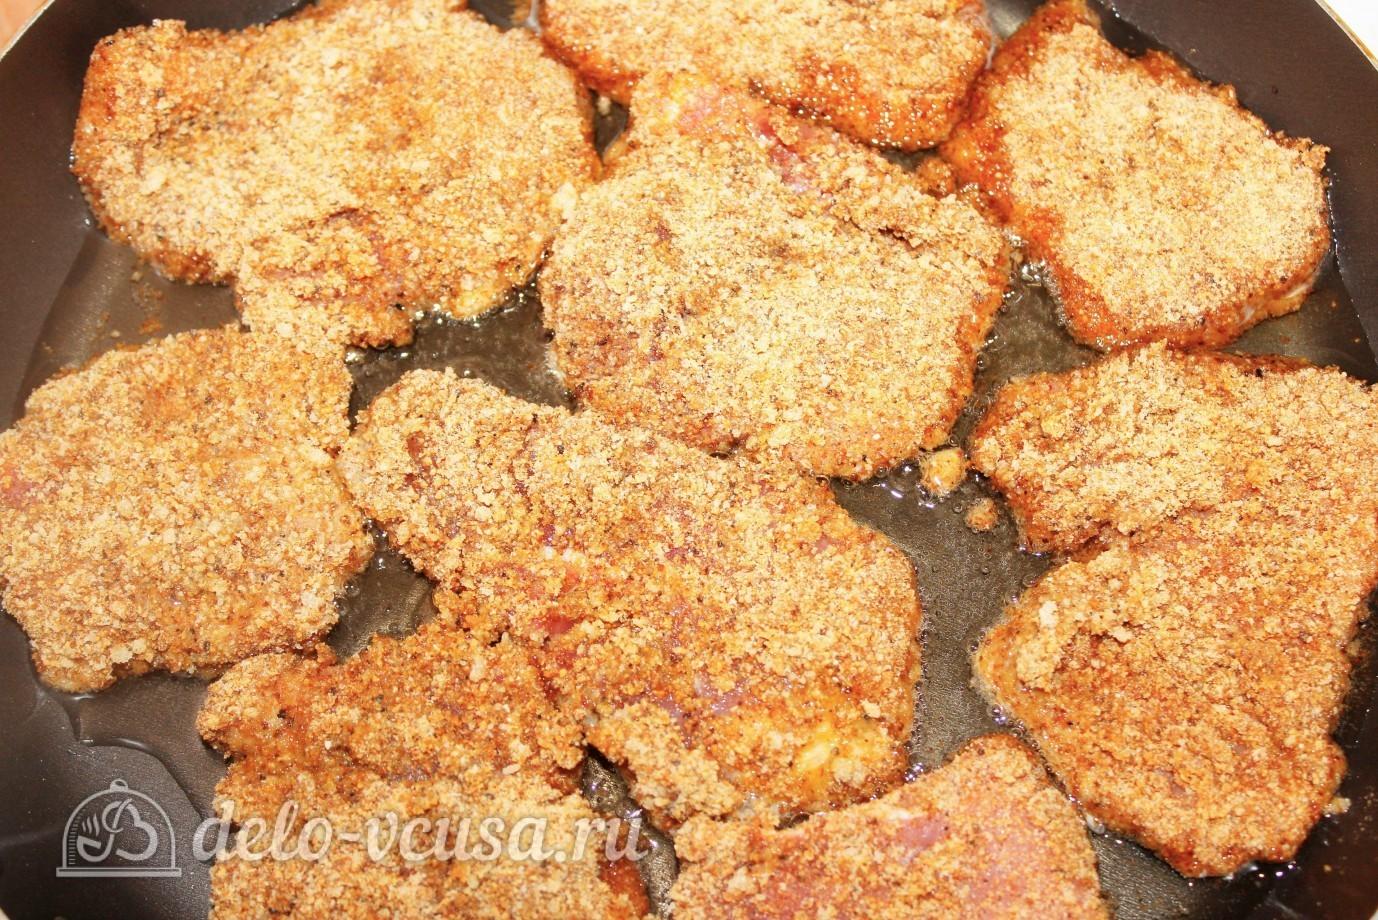 свиные отбивные в панировке на сковороде рецепт с фото